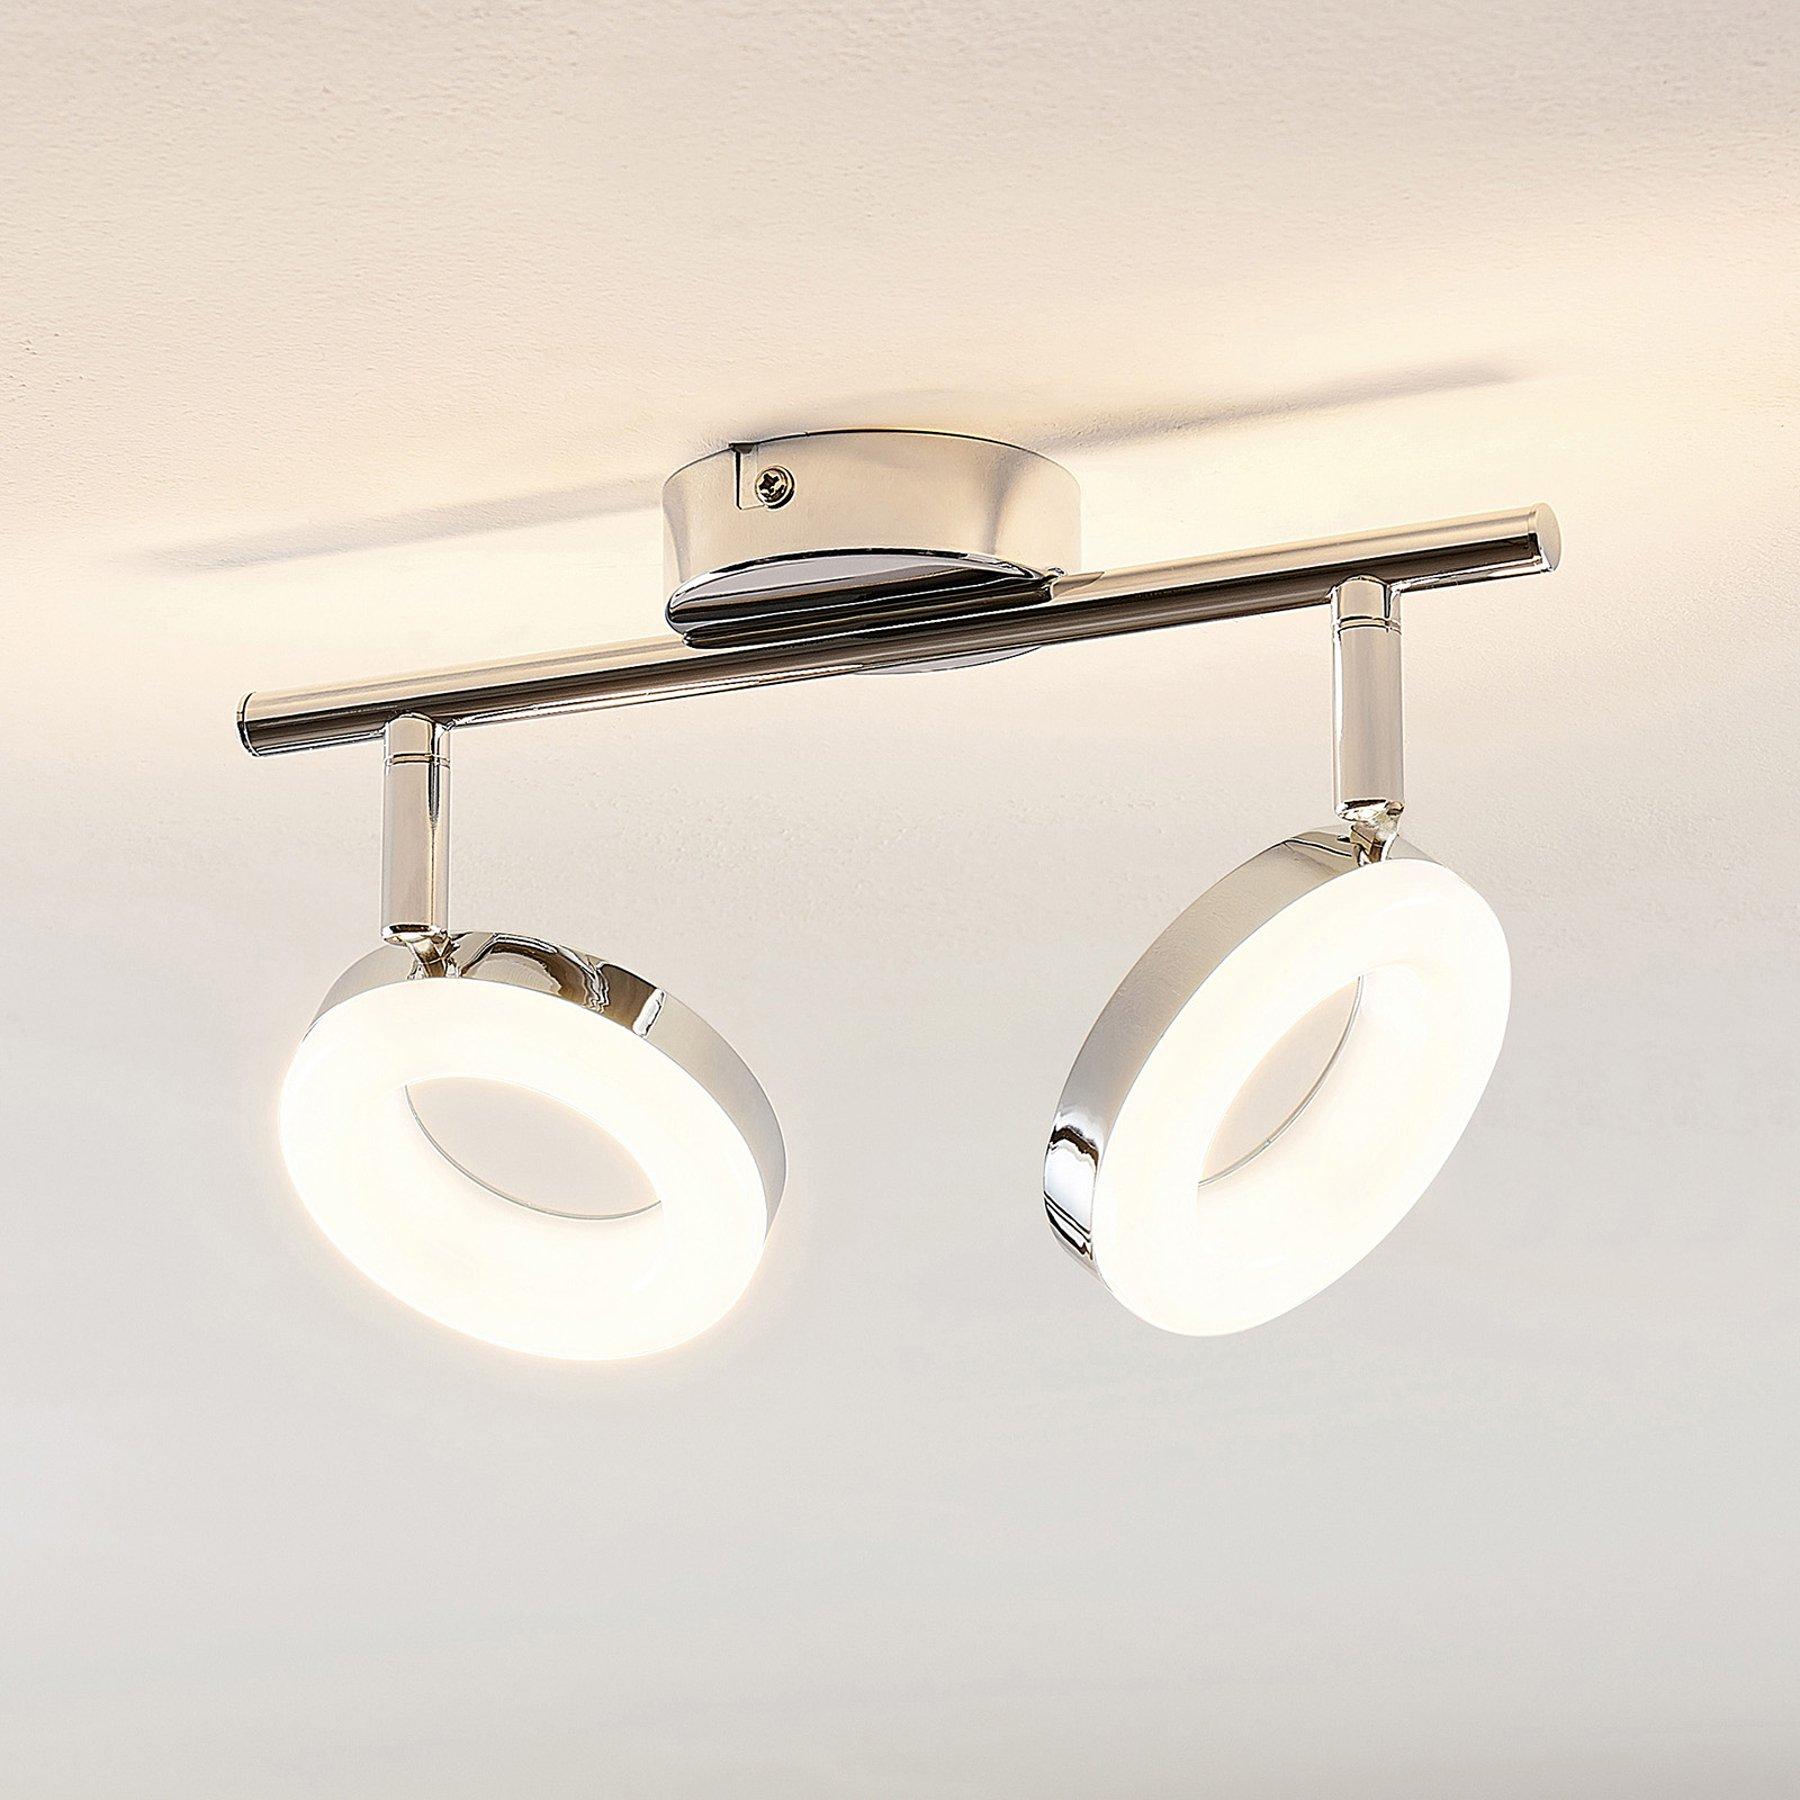 ELC Tioklia LED-taklampe, krom, 2 lyskilder